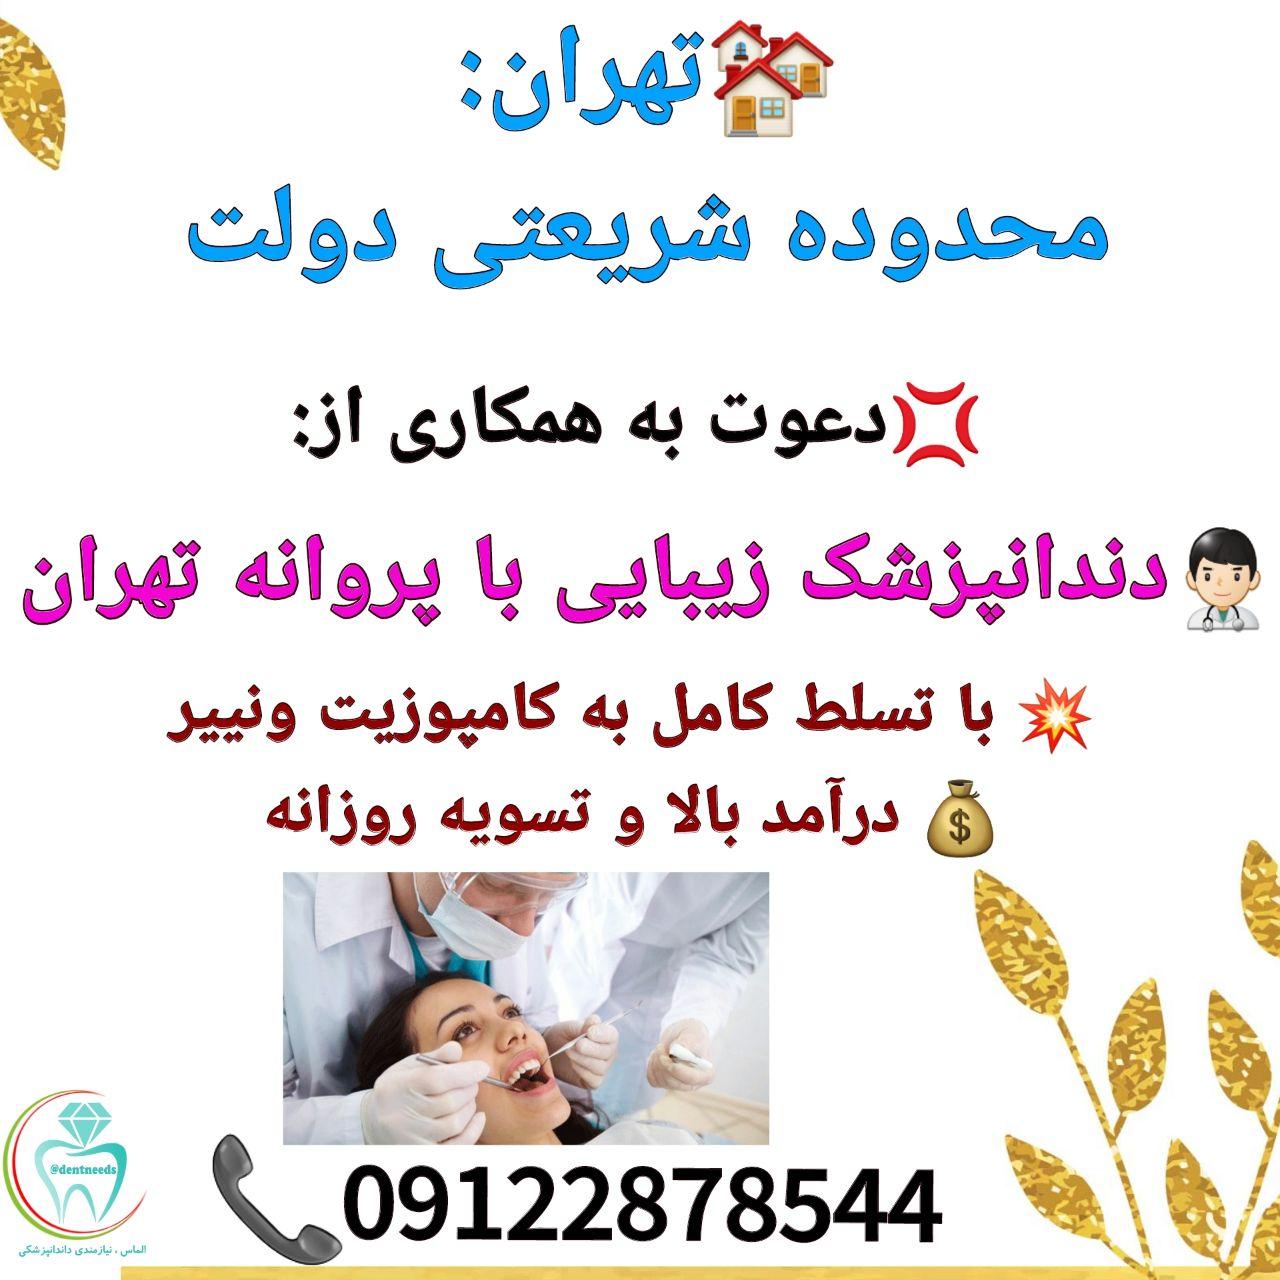 تهران محدوده شریعتی دولت، دعوت به همکاری از دندانپزشک زیبایی